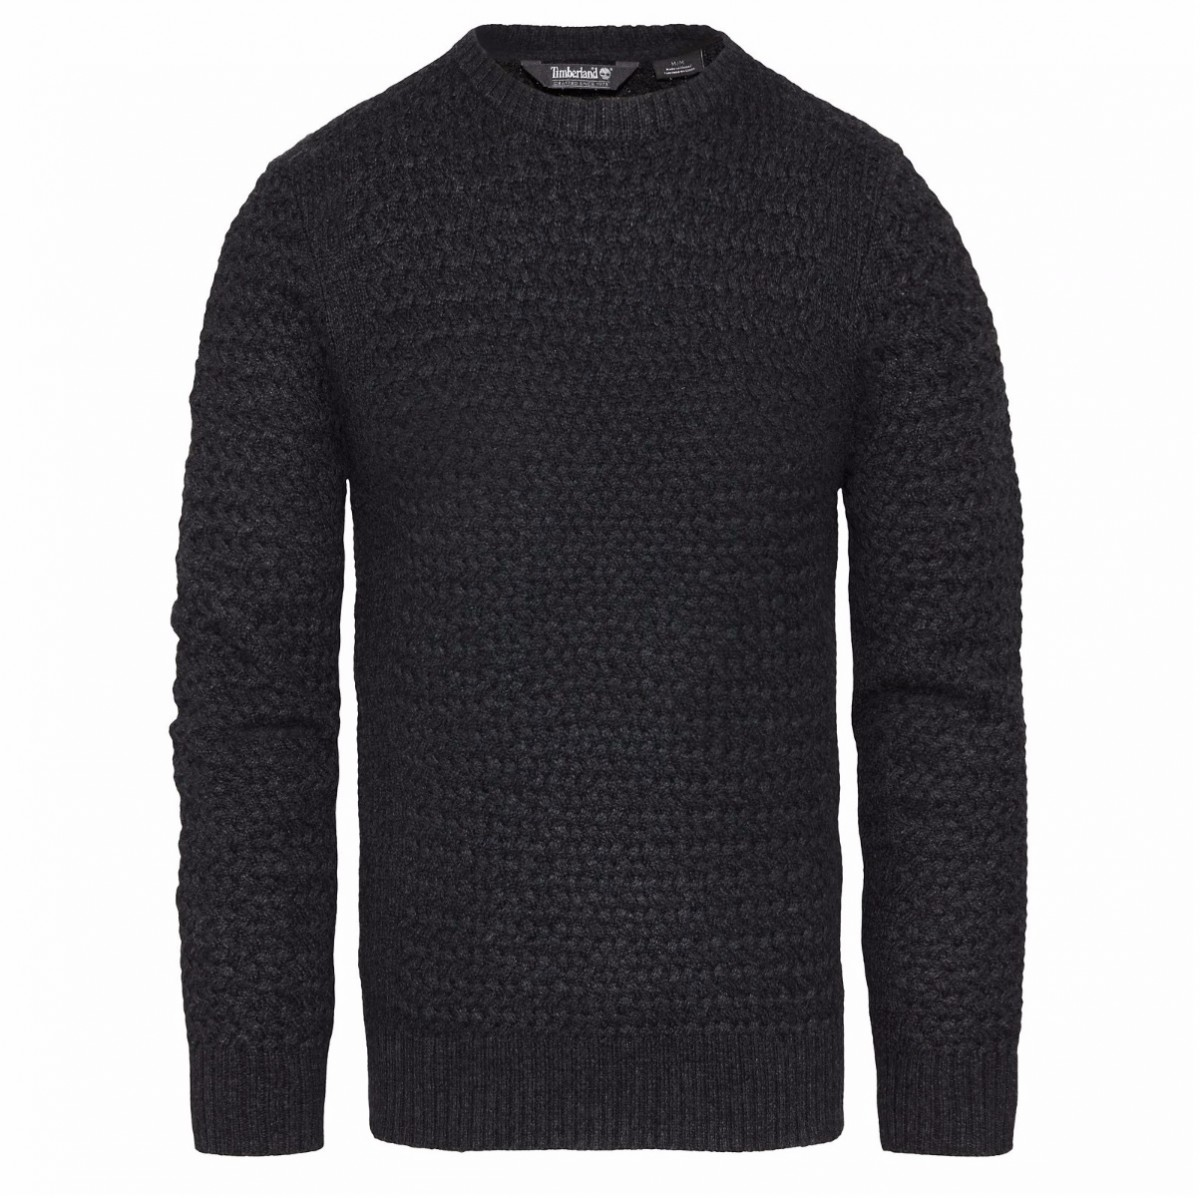 Timberland Beech River Wool Crew Herren Pullover schwarz